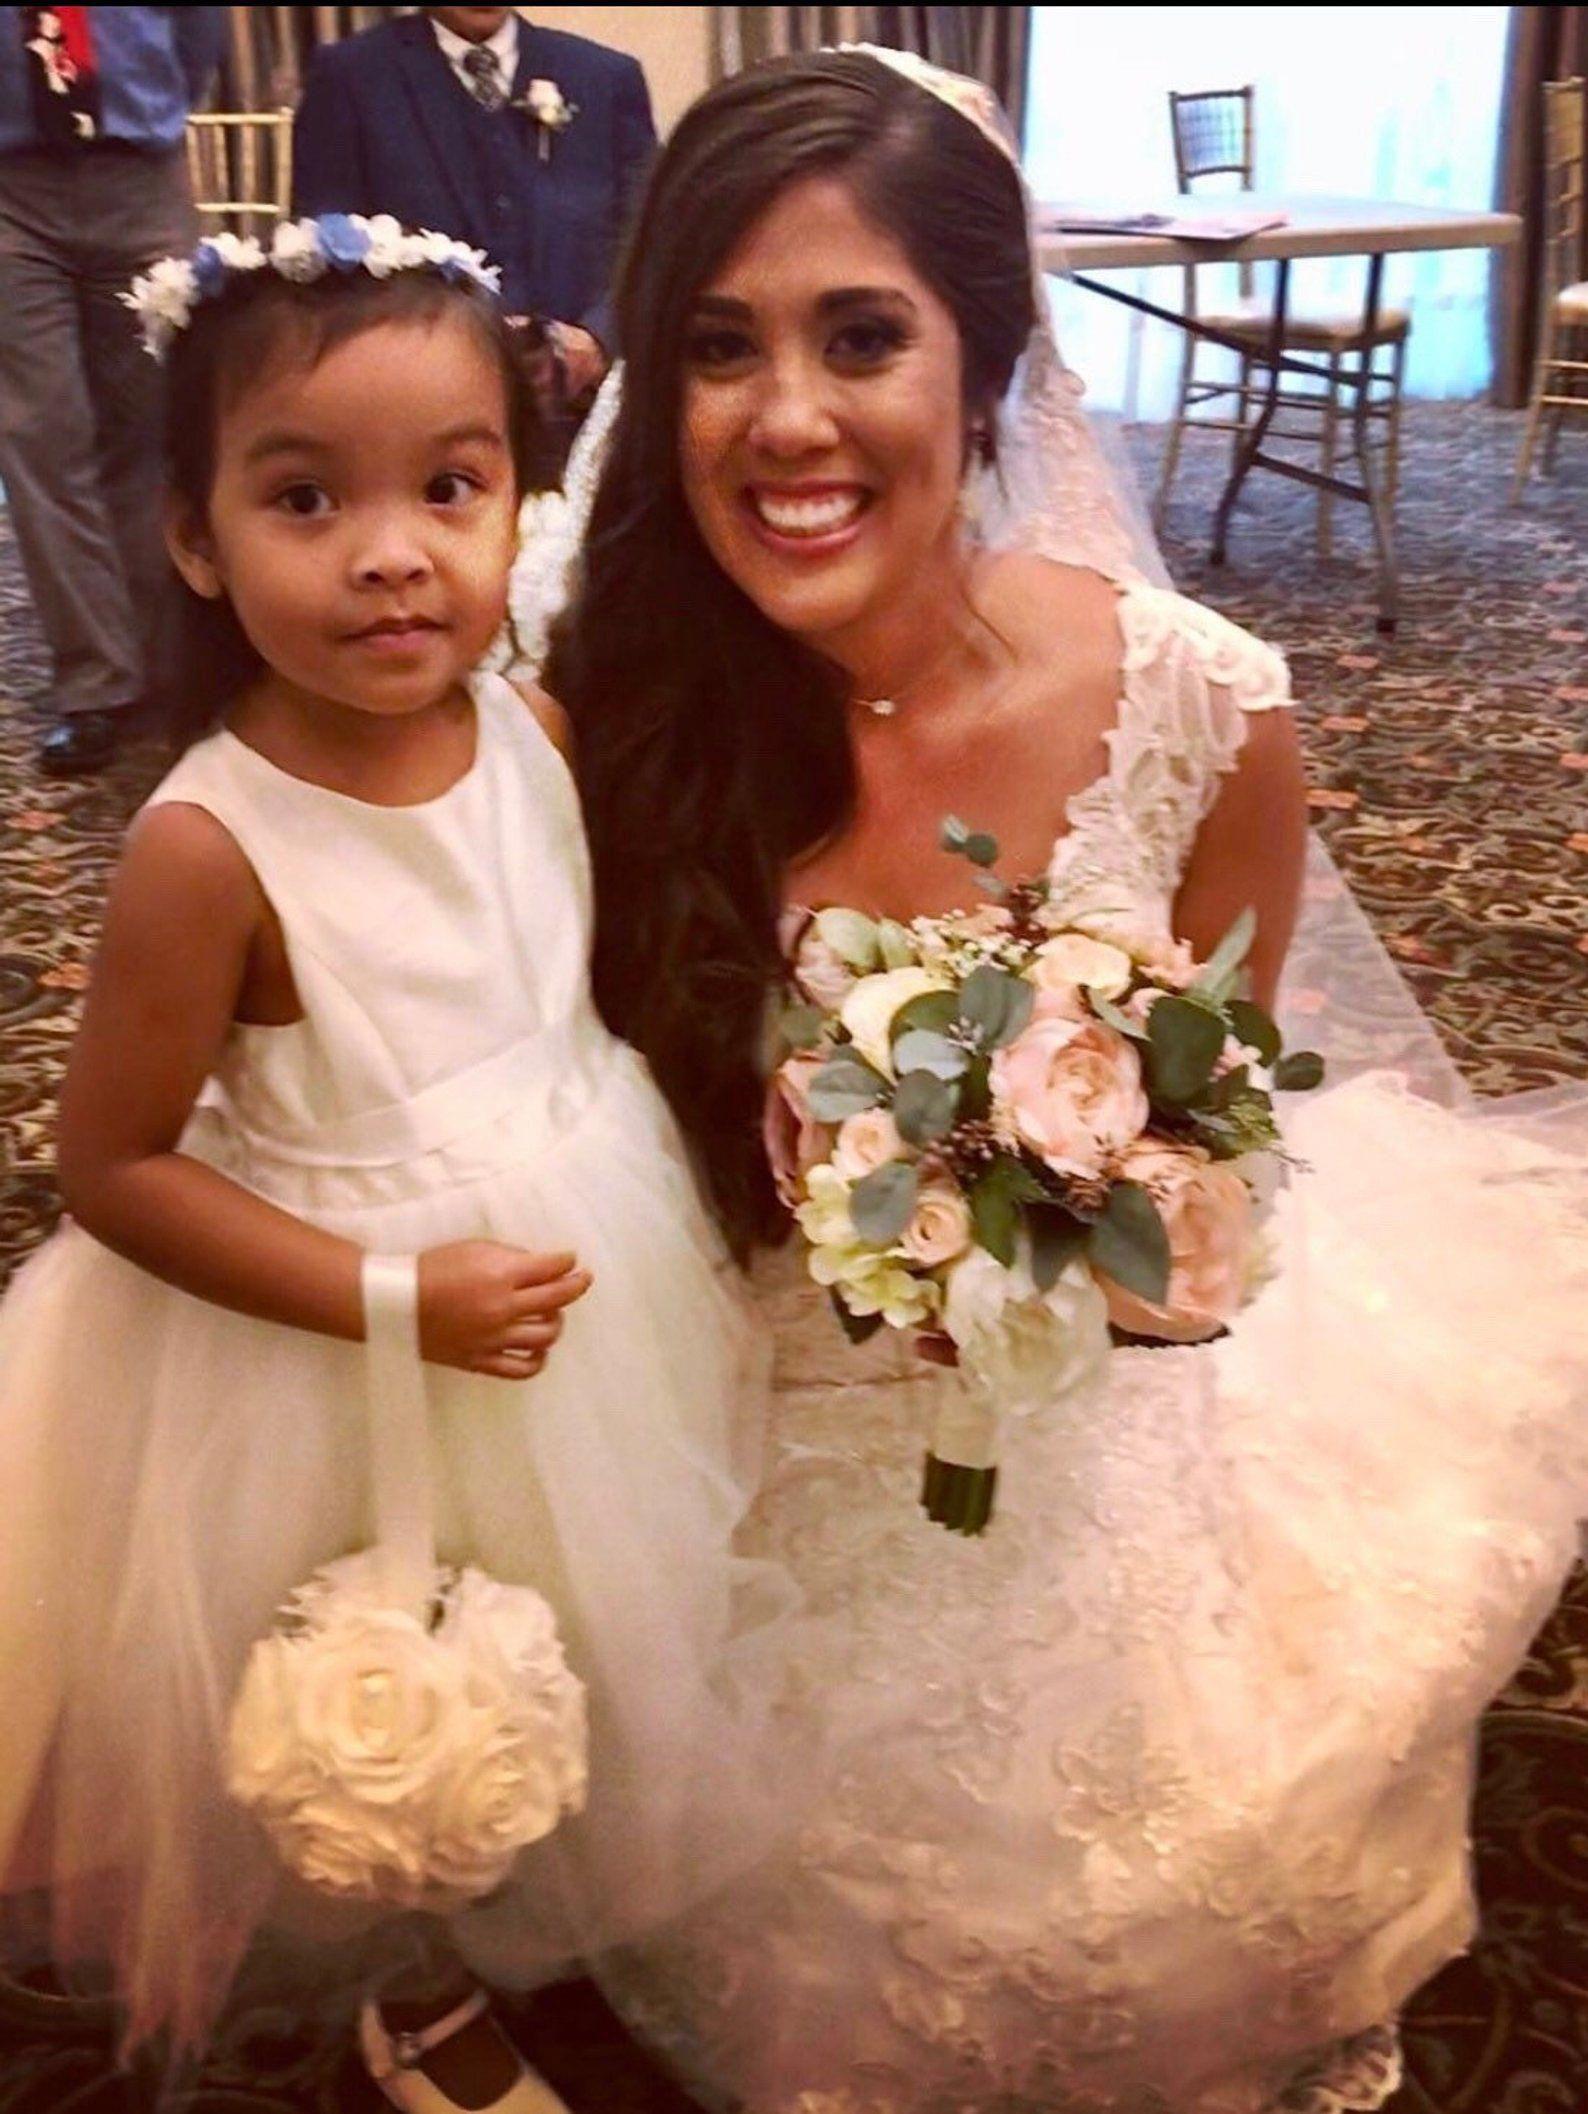 Wedding bouquet, Dusty Rose Bridal bouquet, Blush Wedding bouquet, Peony bouquet, Mauve/Dusty Rose Wedding flowers, Silk Bridal bouquet #dustyrosewedding